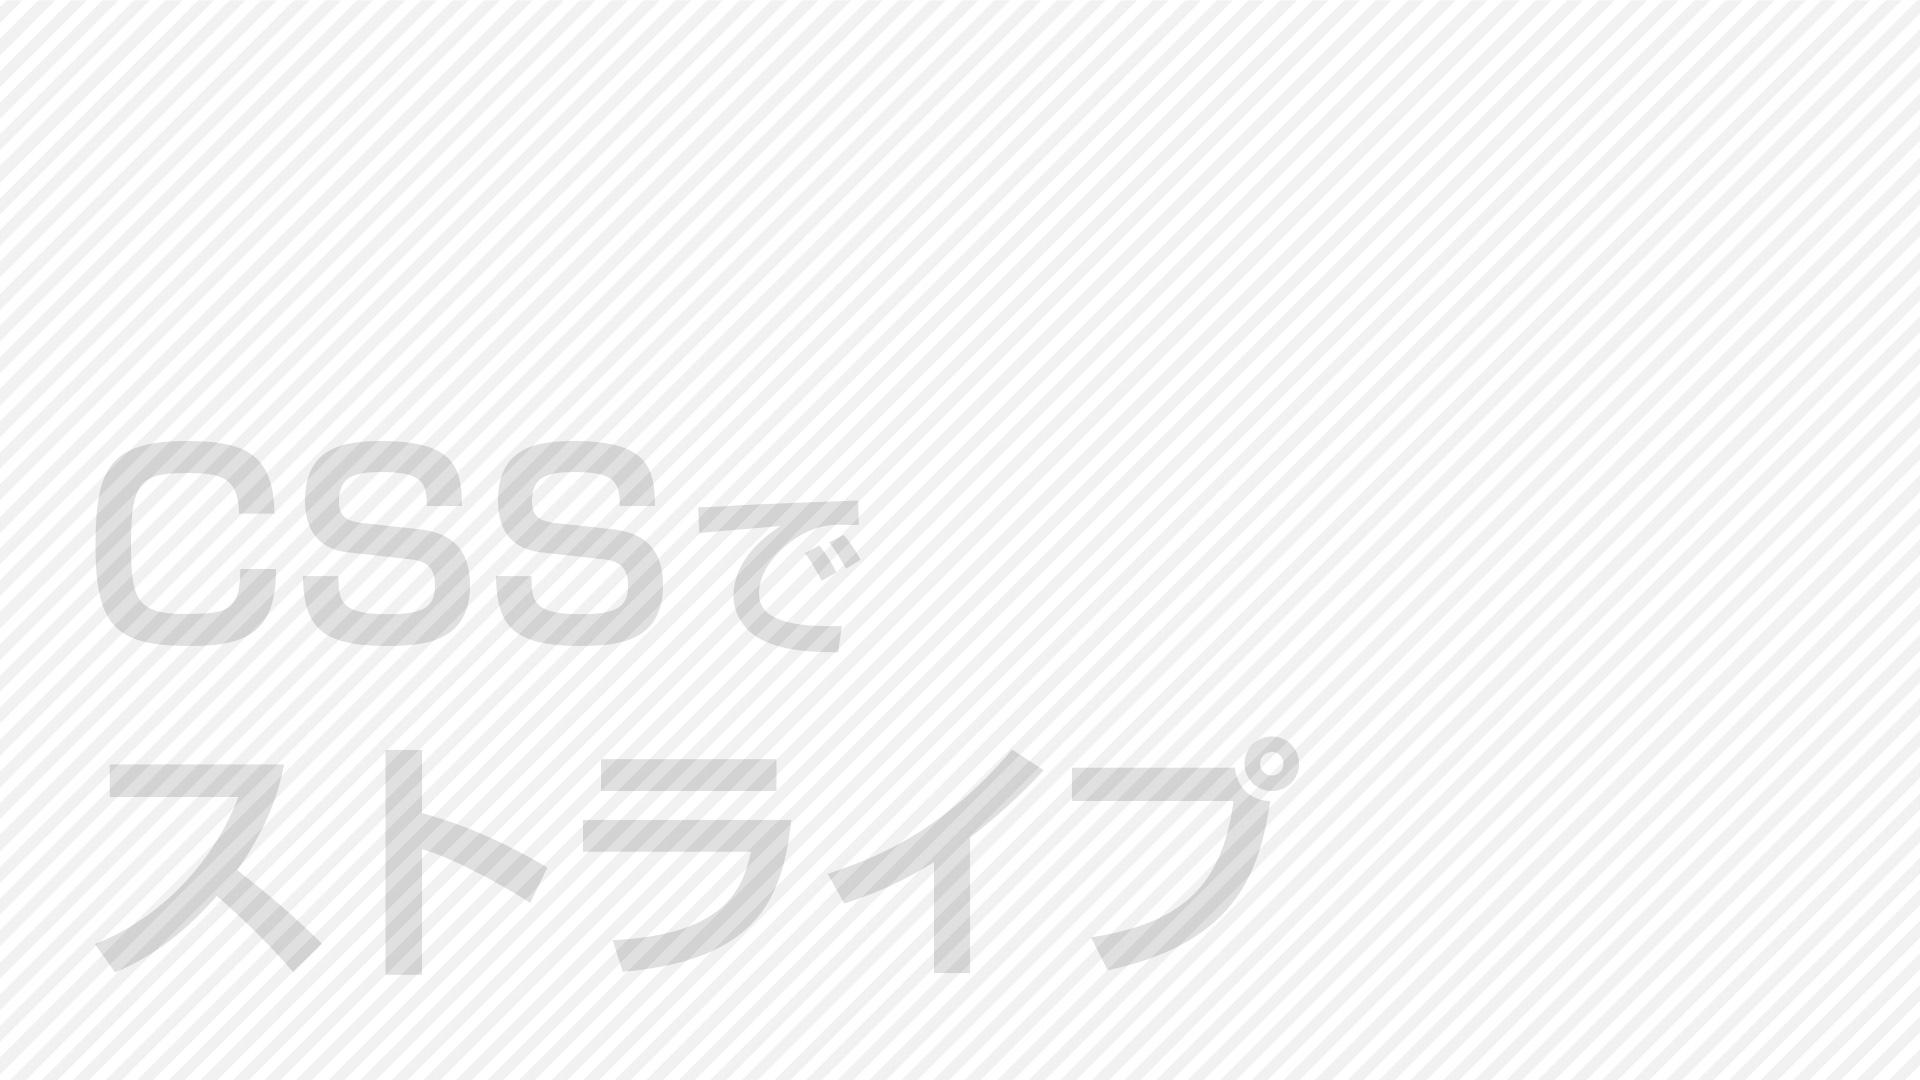 CSSでストライプやボーダーの背景を作る方法【コピペOK】